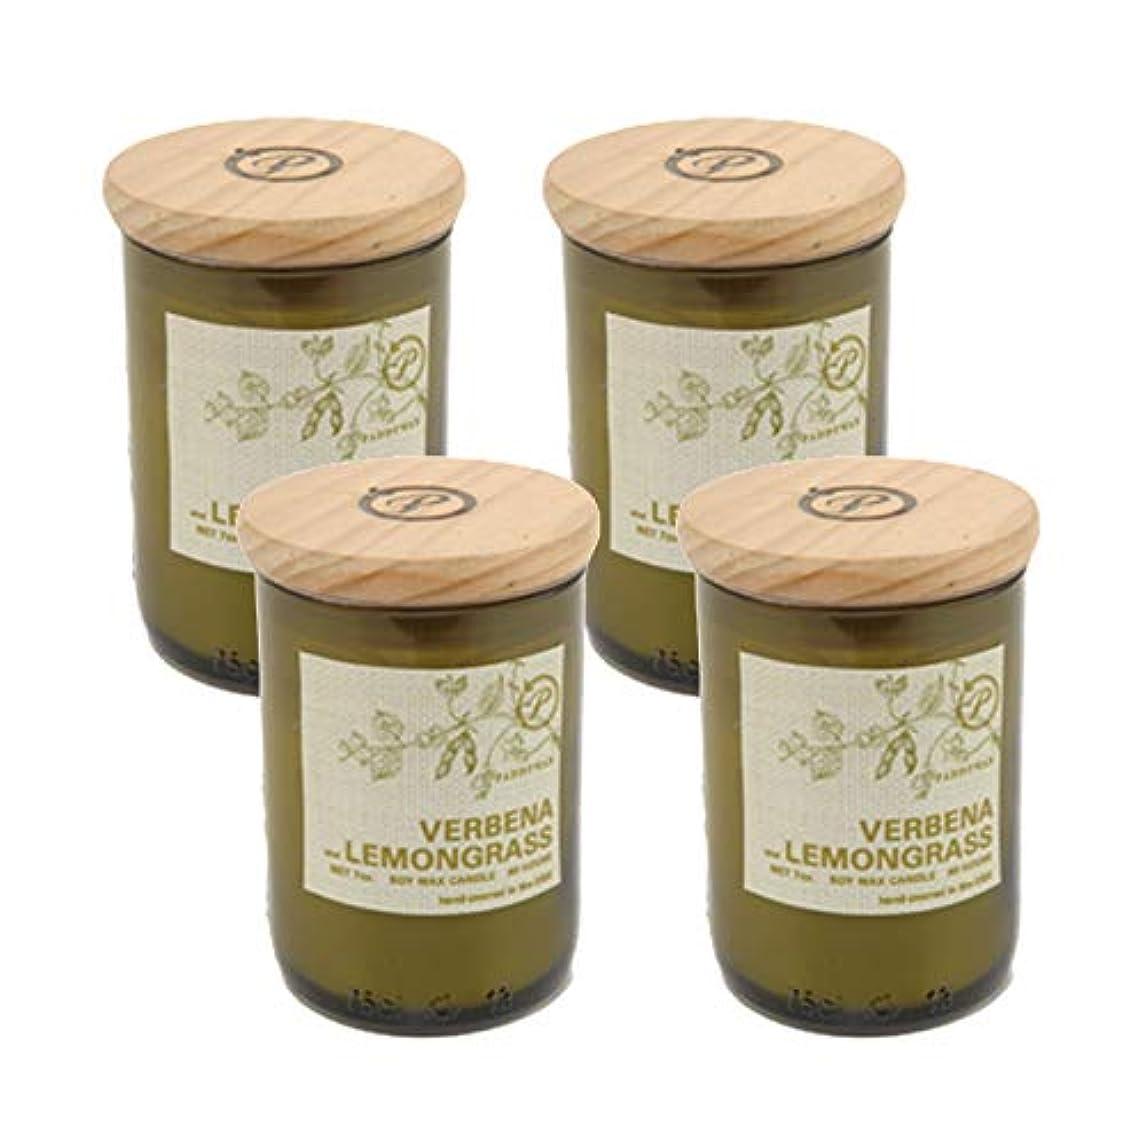 競争ラグでもPaddywax EcoグリーンリサイクルガラスCandle、Verbena &レモングラス